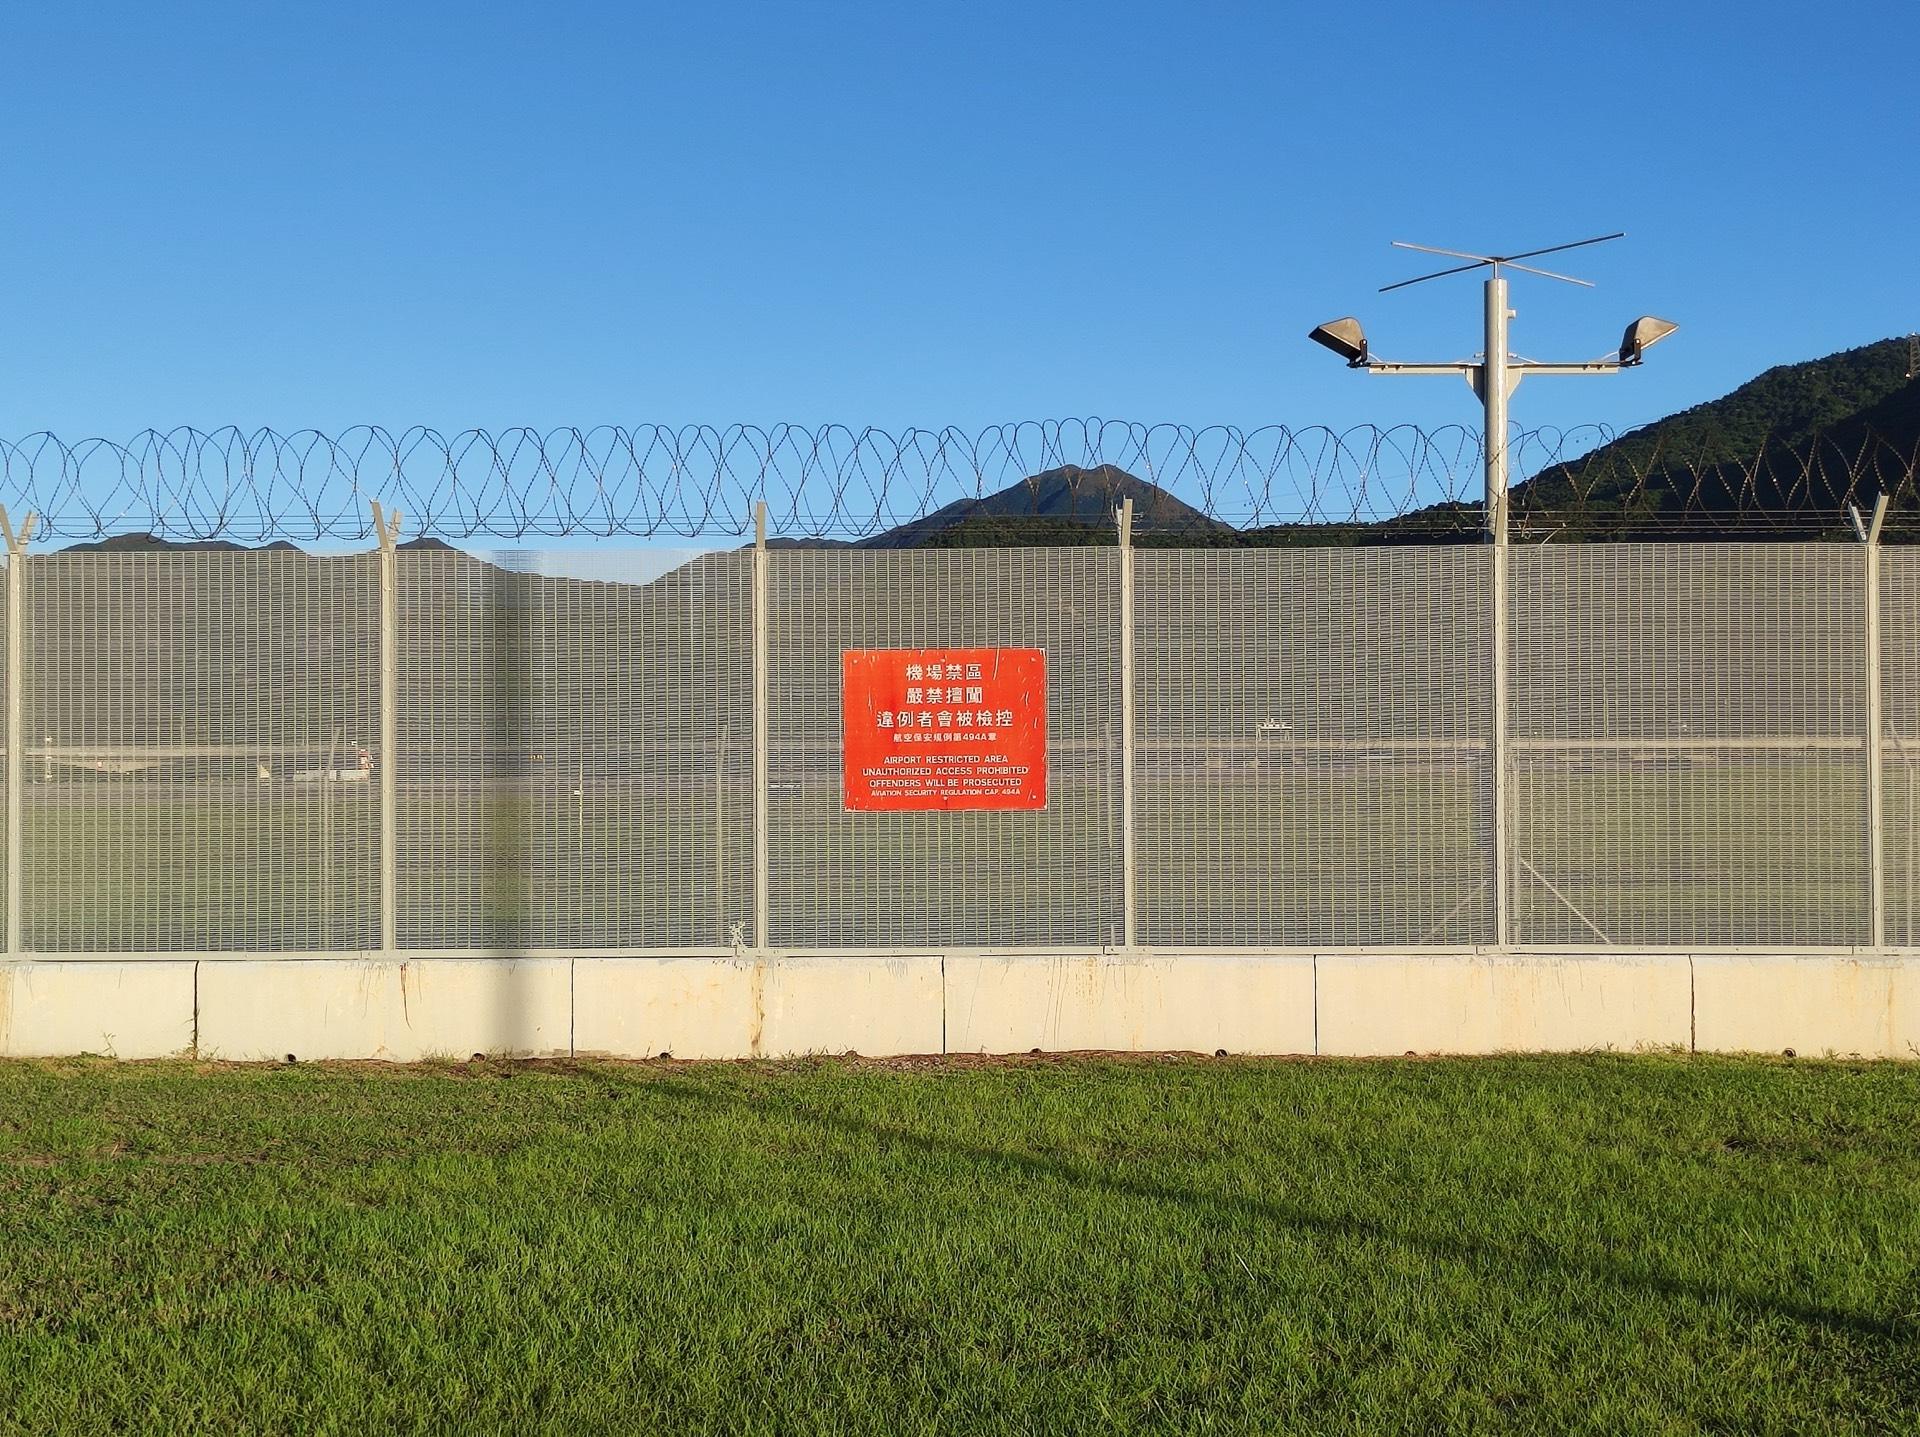 「机场禁区,严禁擅闯,违者会被检控」